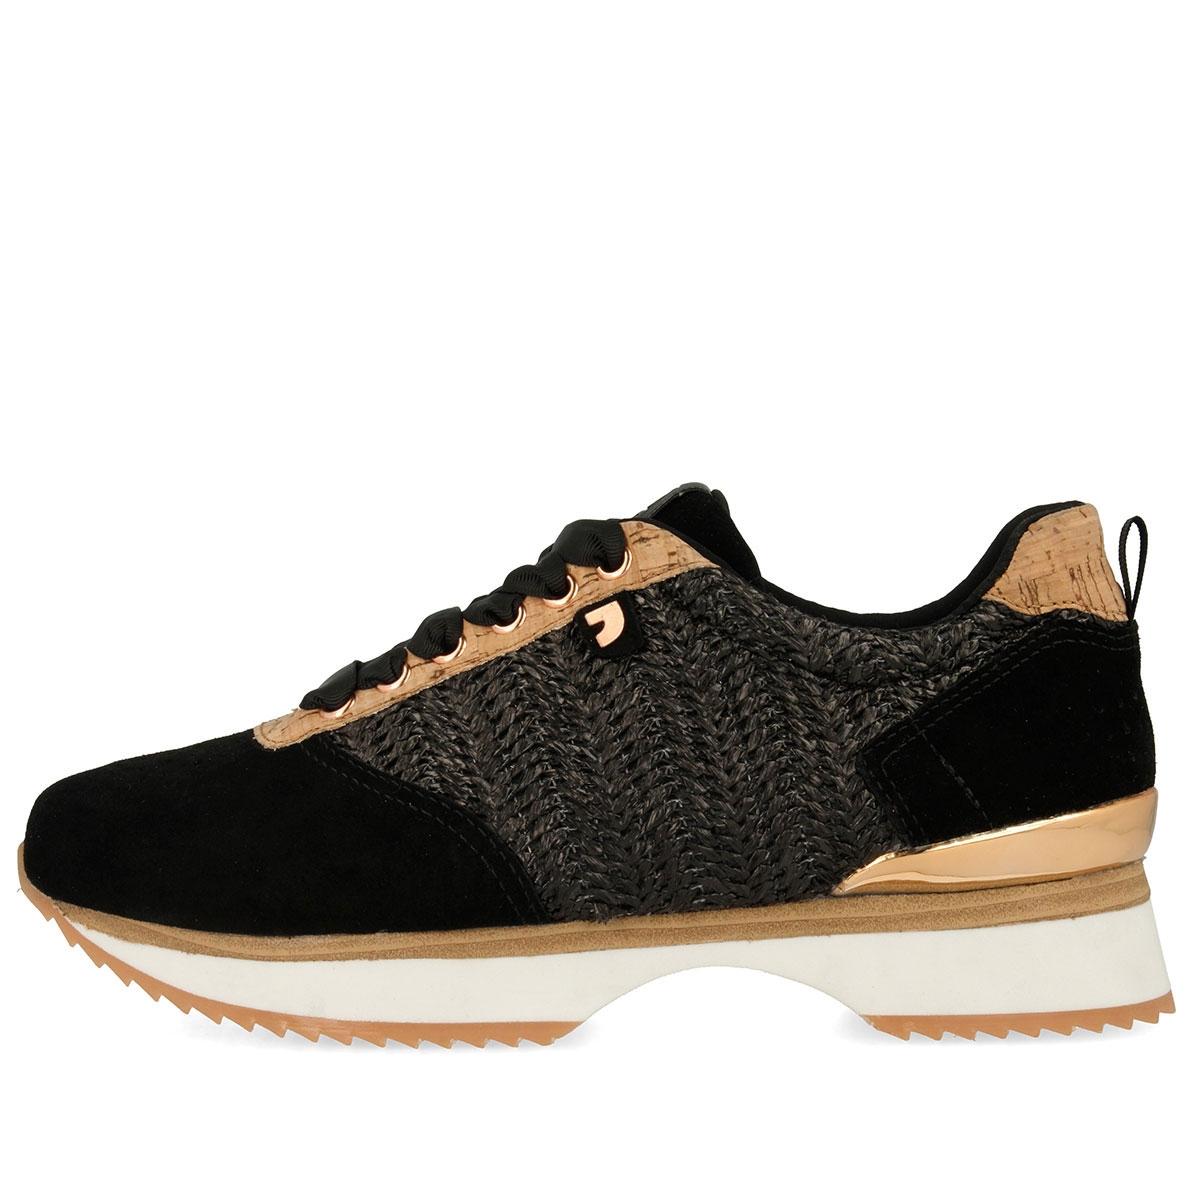 4f586ca1 Sneakers de mujer en negro con diferentes texturas para mujer 43308